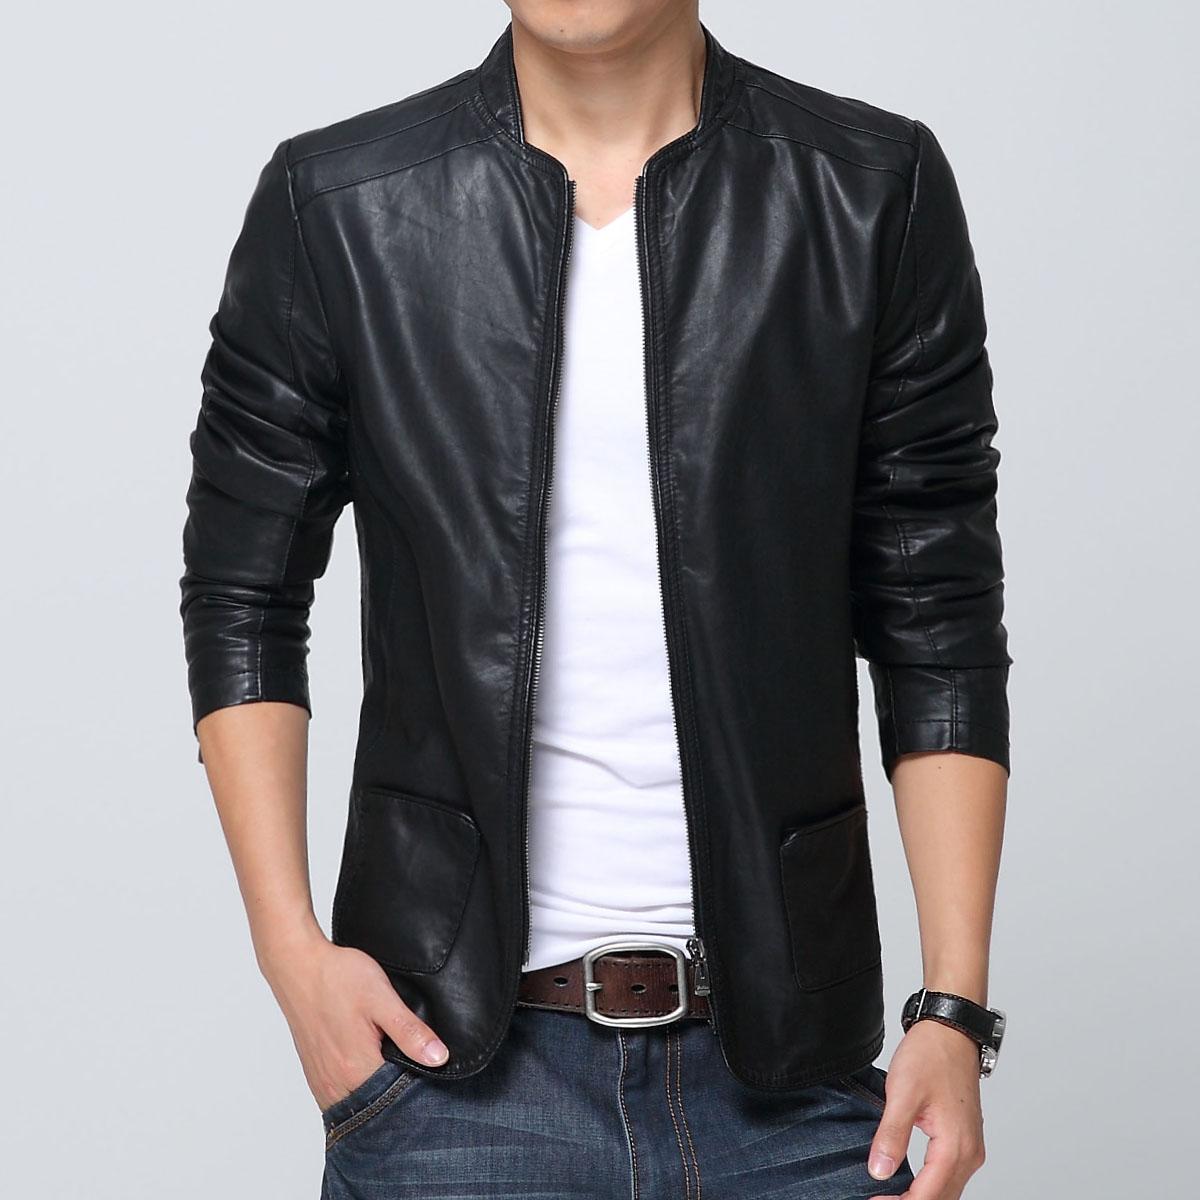 机车皮衣男2015夏季新款韩版修身薄款皮夹克货到付款男装休闲外套